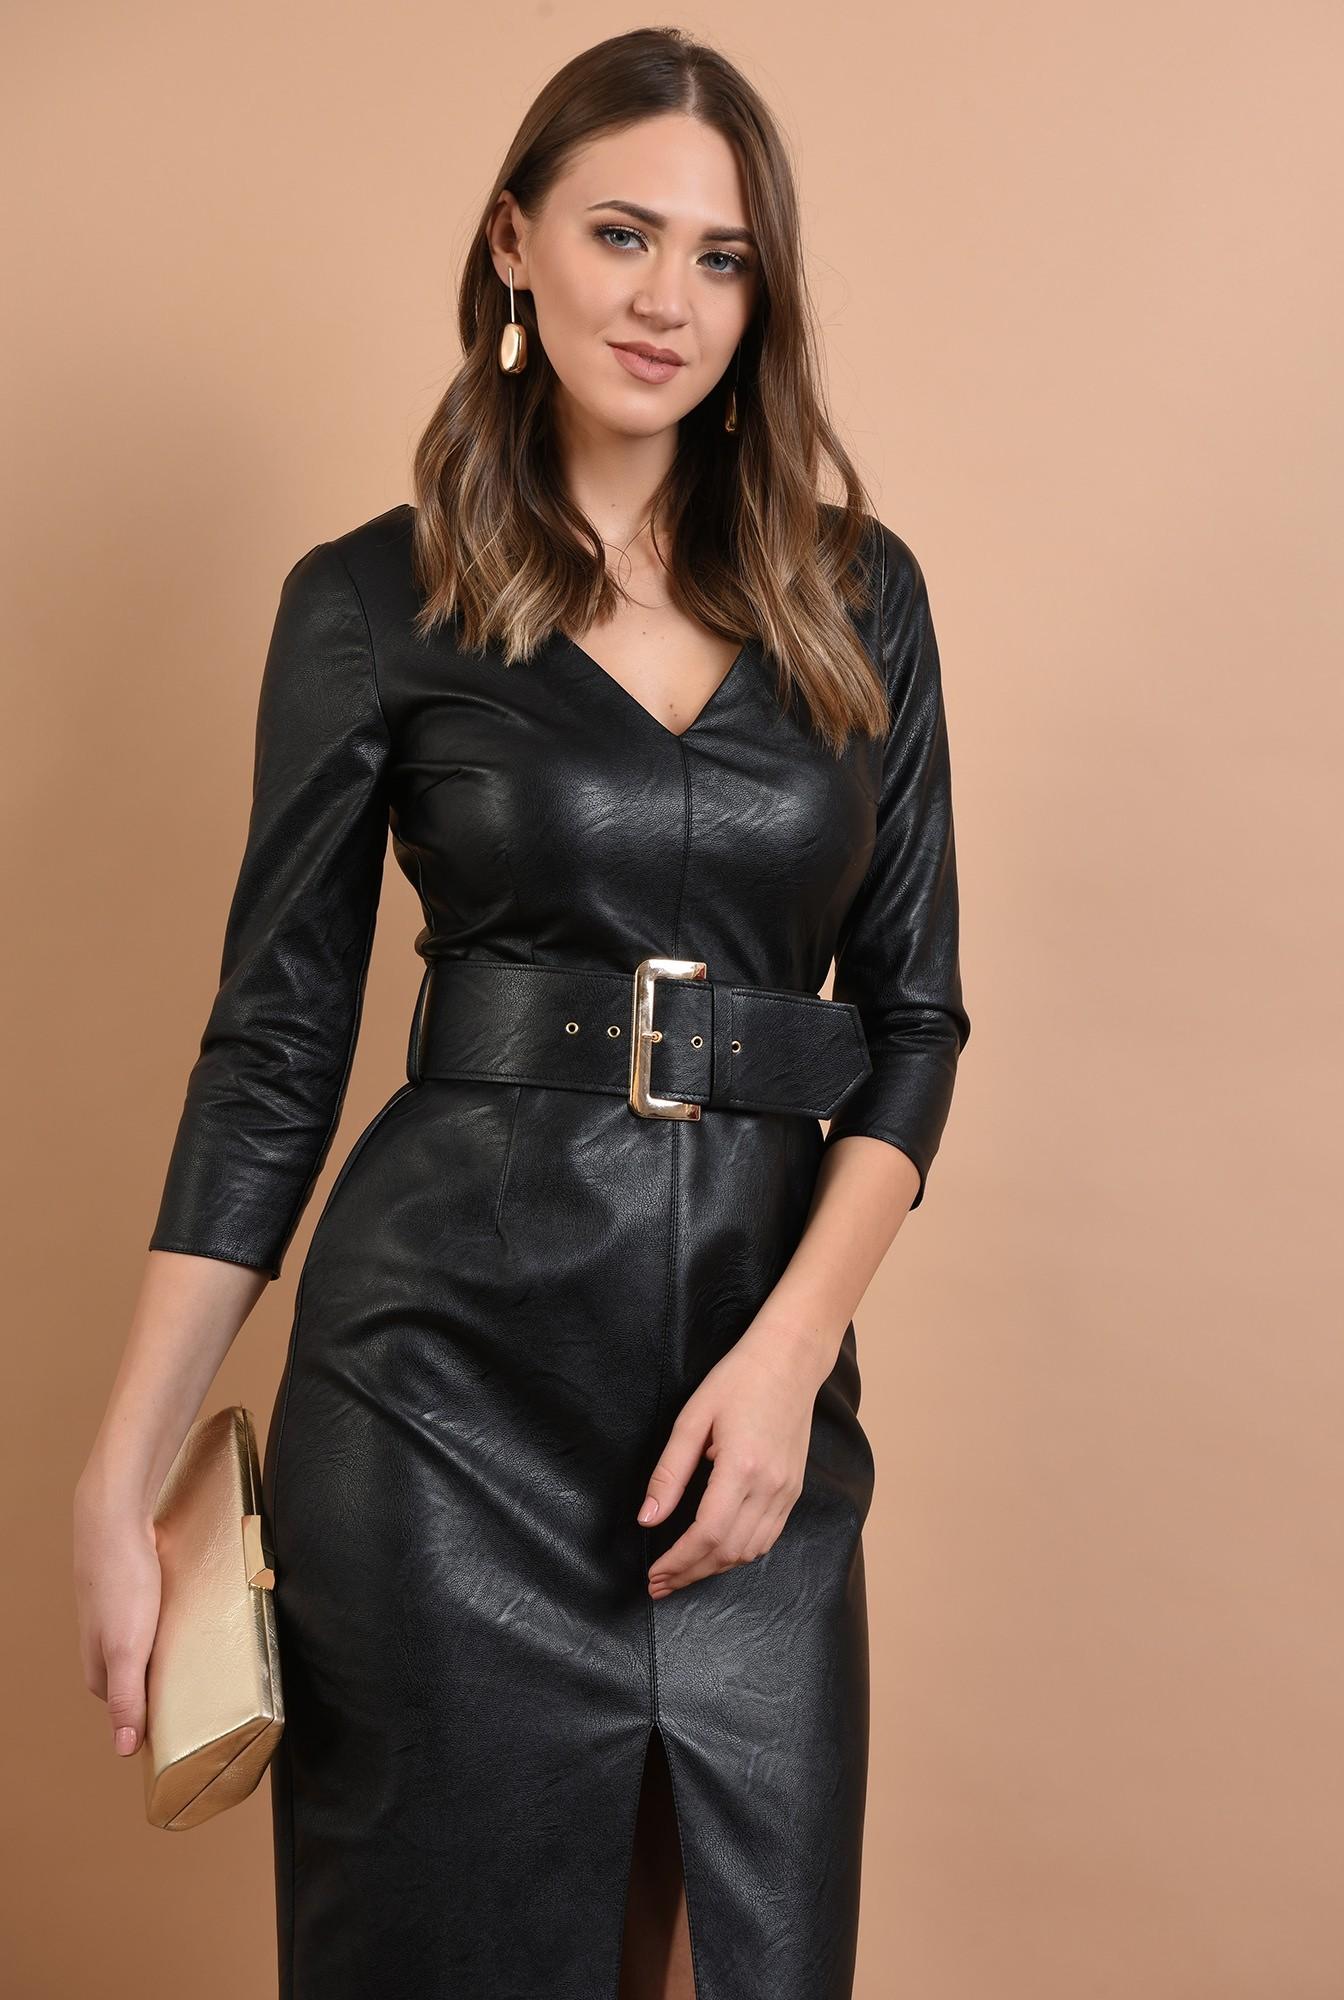 2 - rochie neagra, cambrata, cu centura, anchior, maneci ajustate